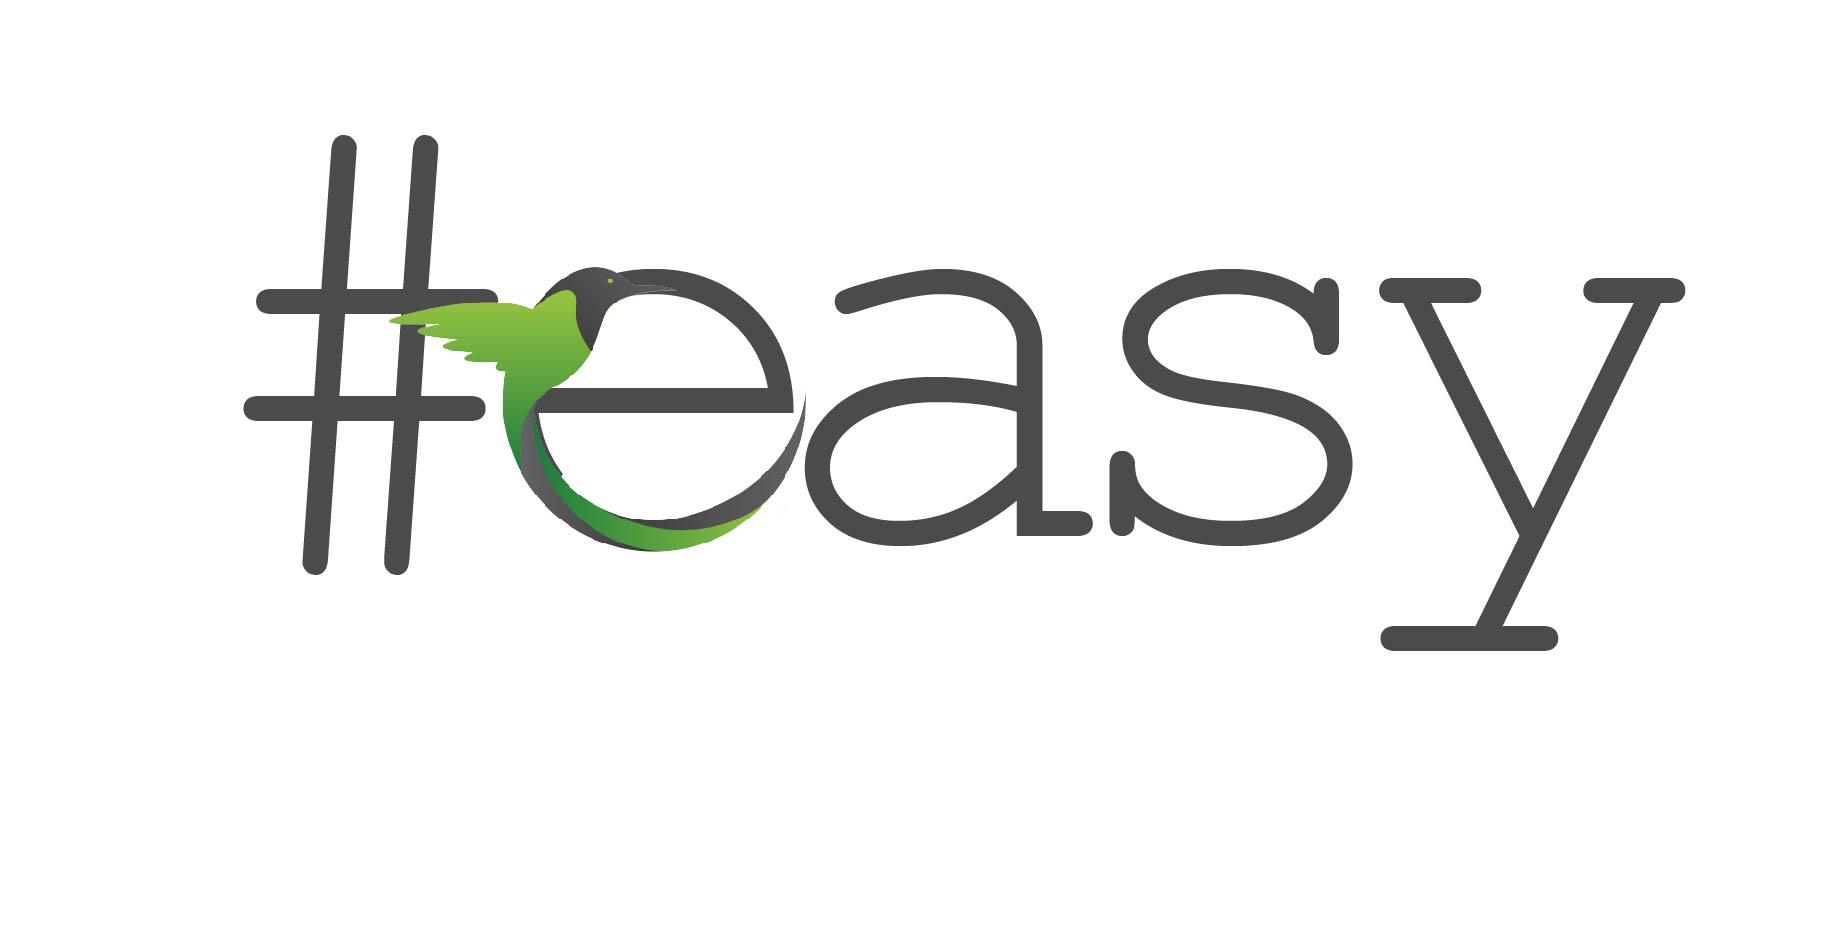 Разработка логотипа в виде хэштега #easy с зеленой колибри  фото f_2285d4eaa70112aa.jpg